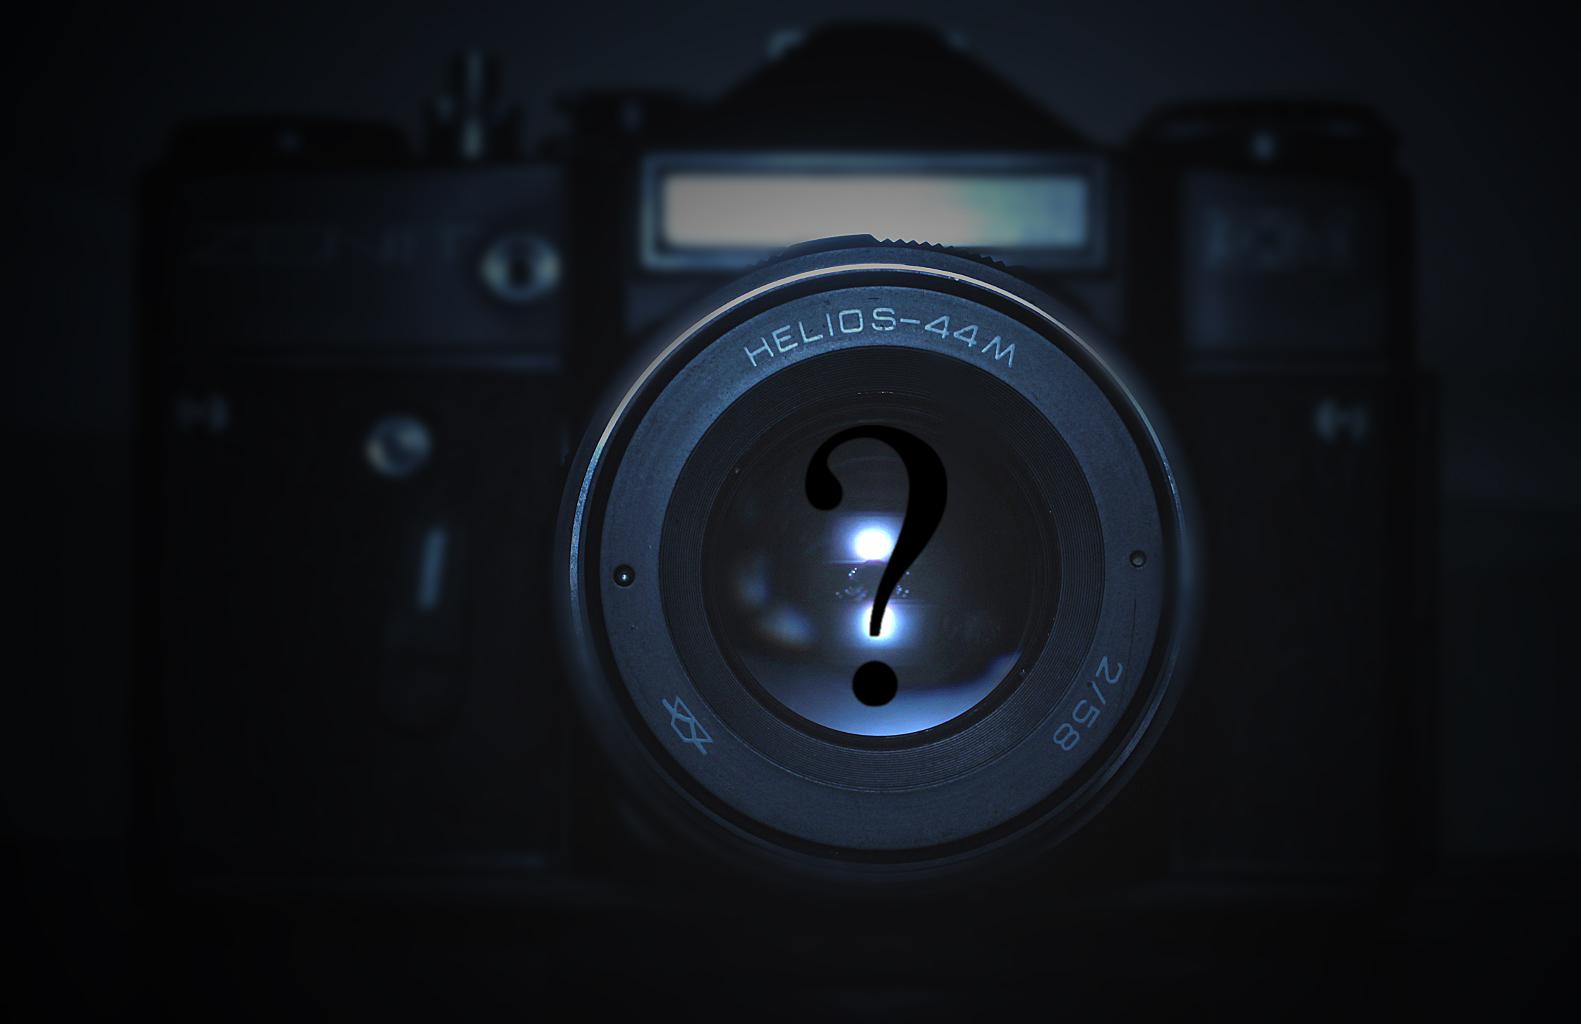 Helios 44 58mm f2 m42 Lensler